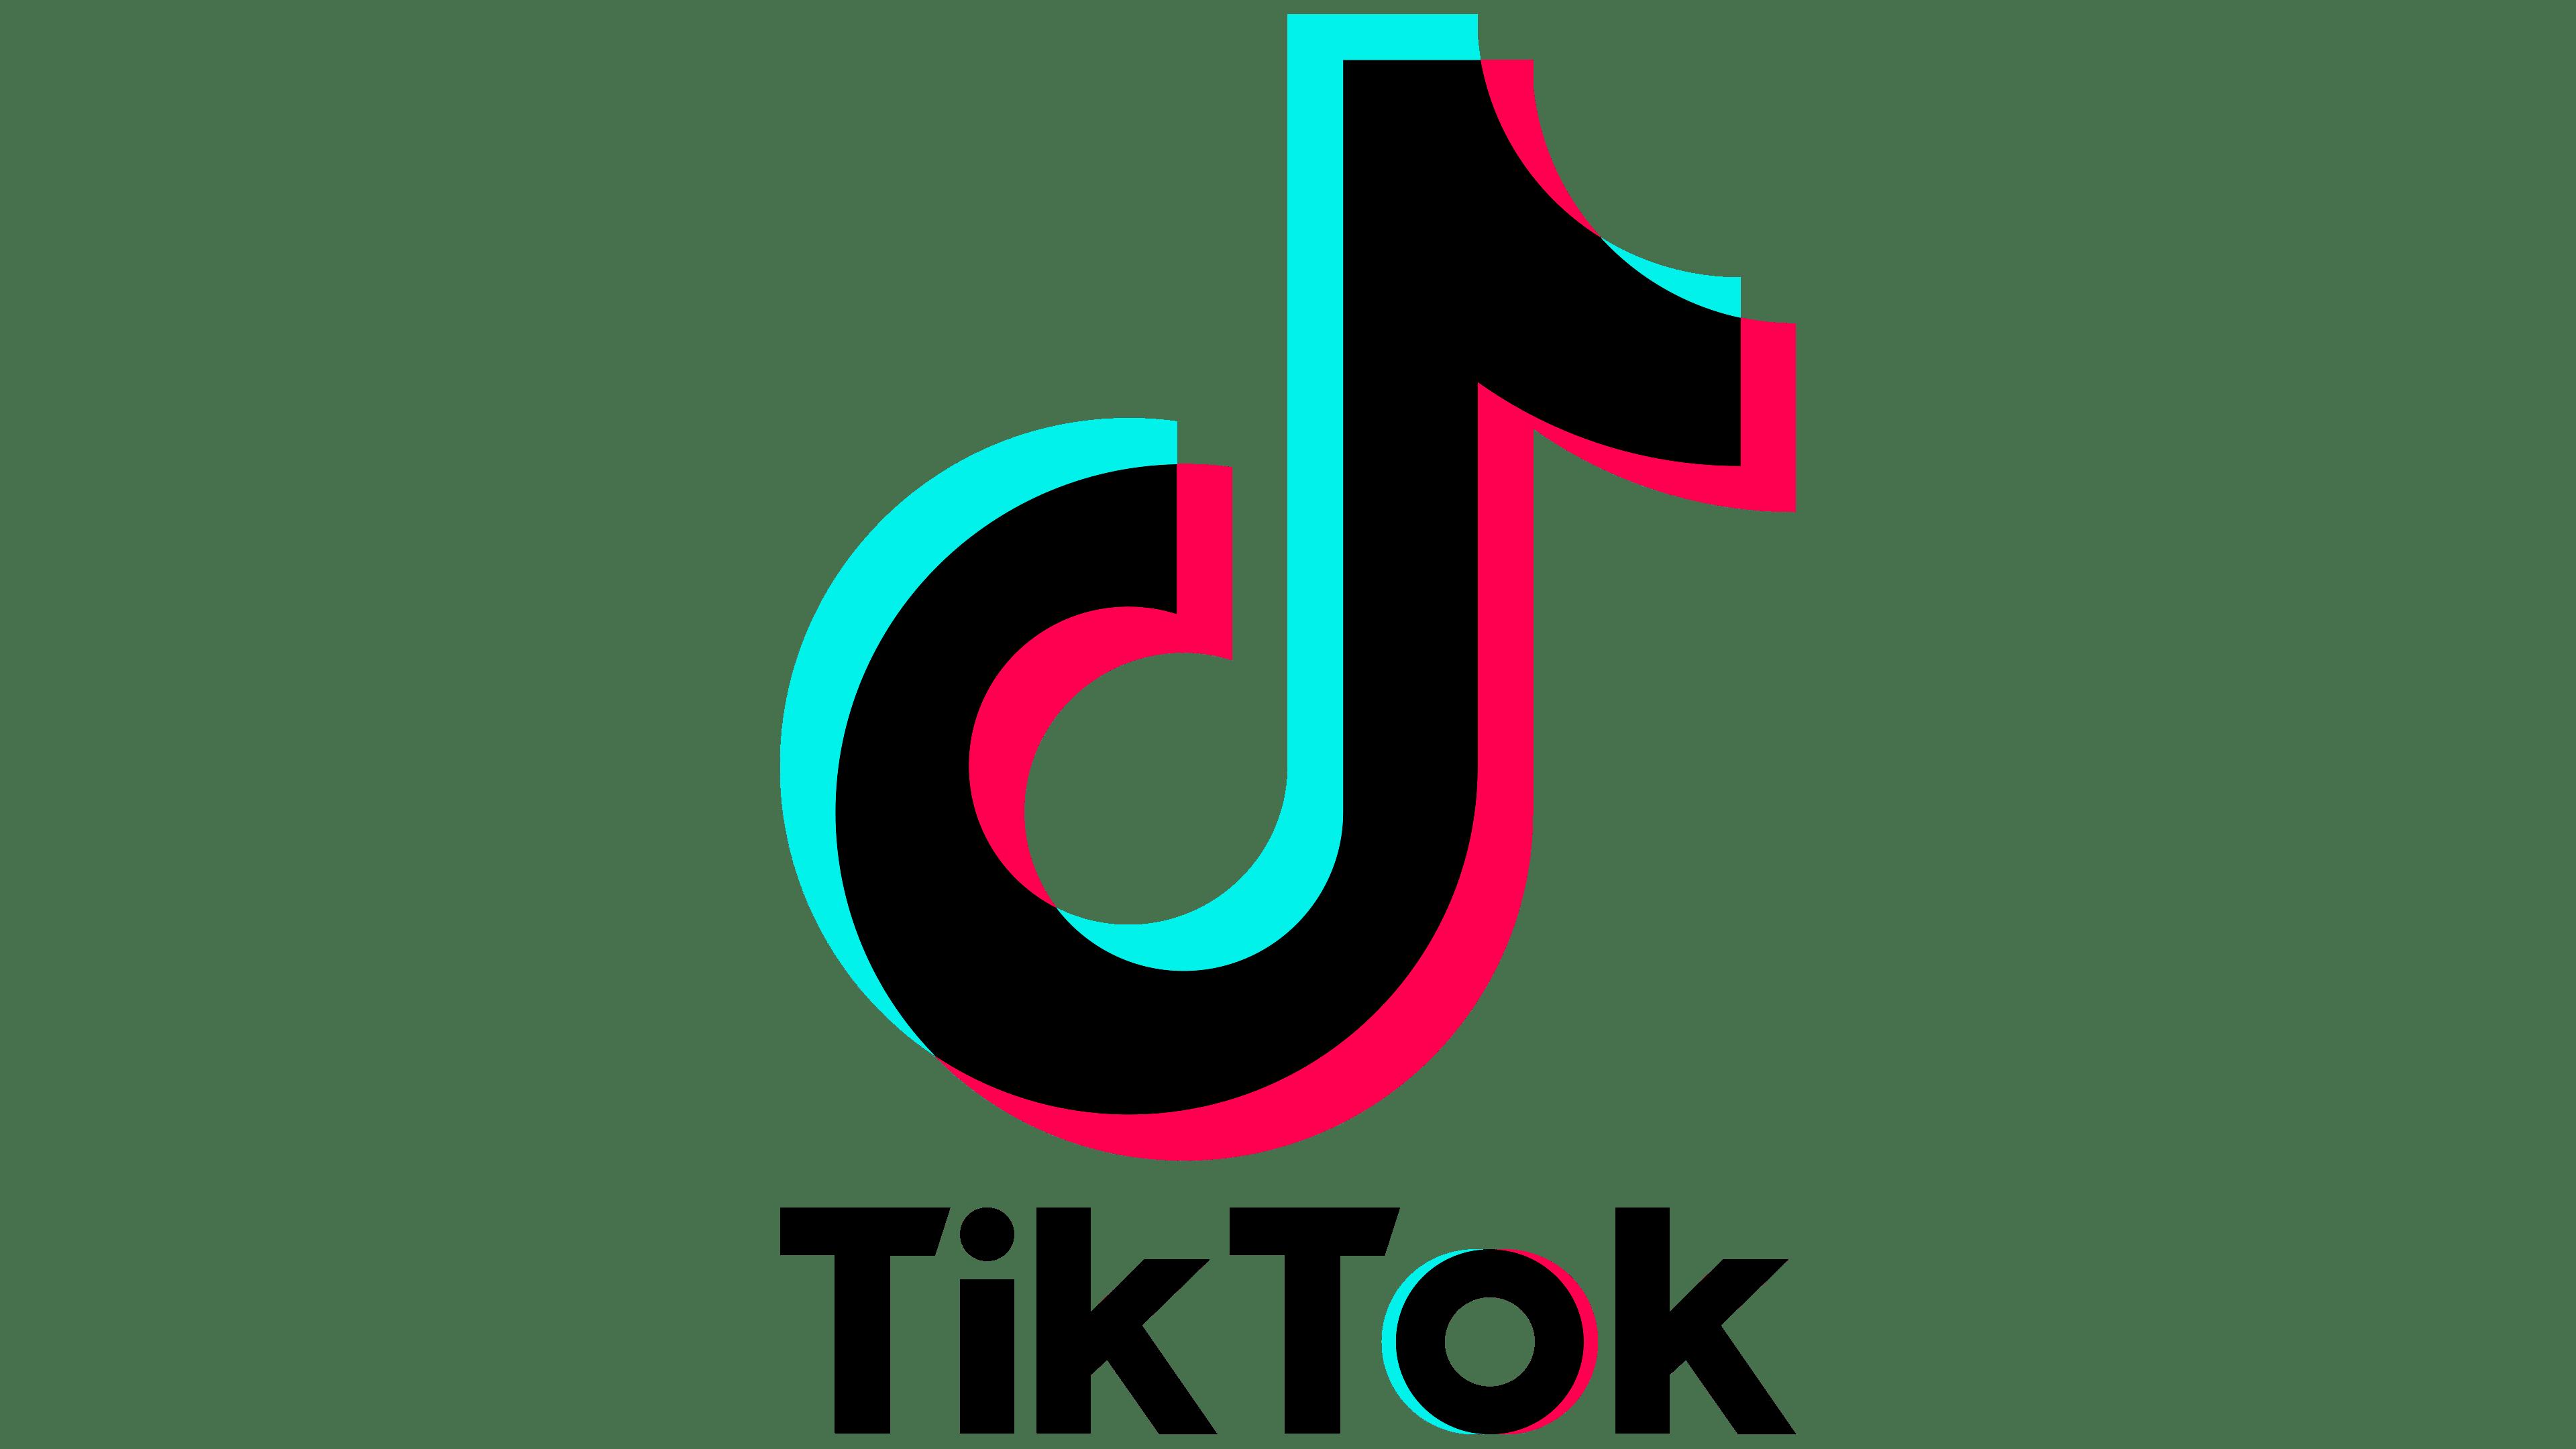 logo du réseaux social TikTok